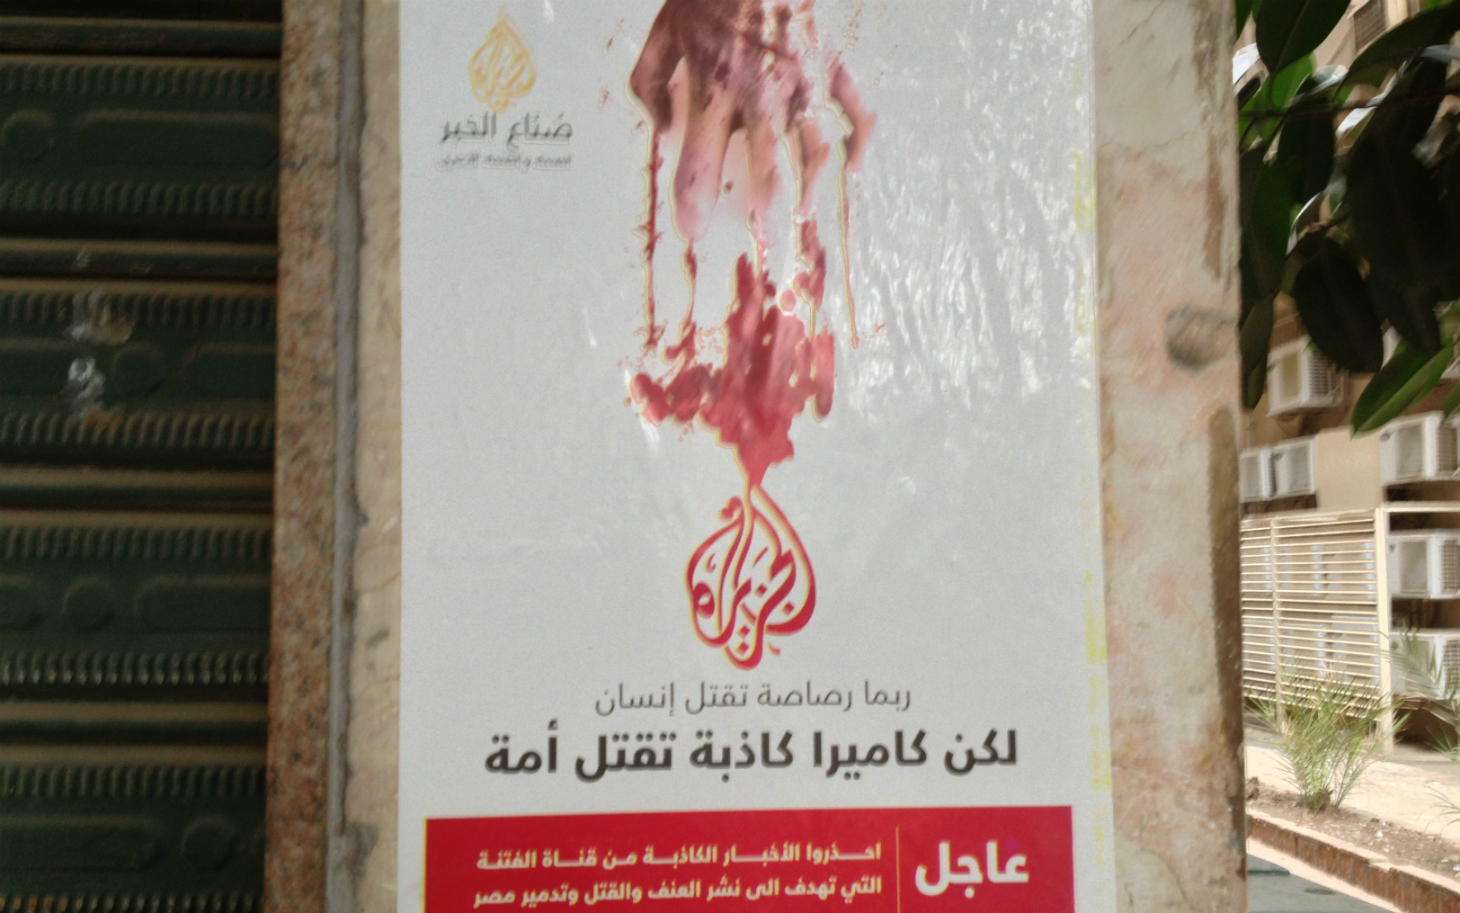 Anti-Al Jazeera poster.